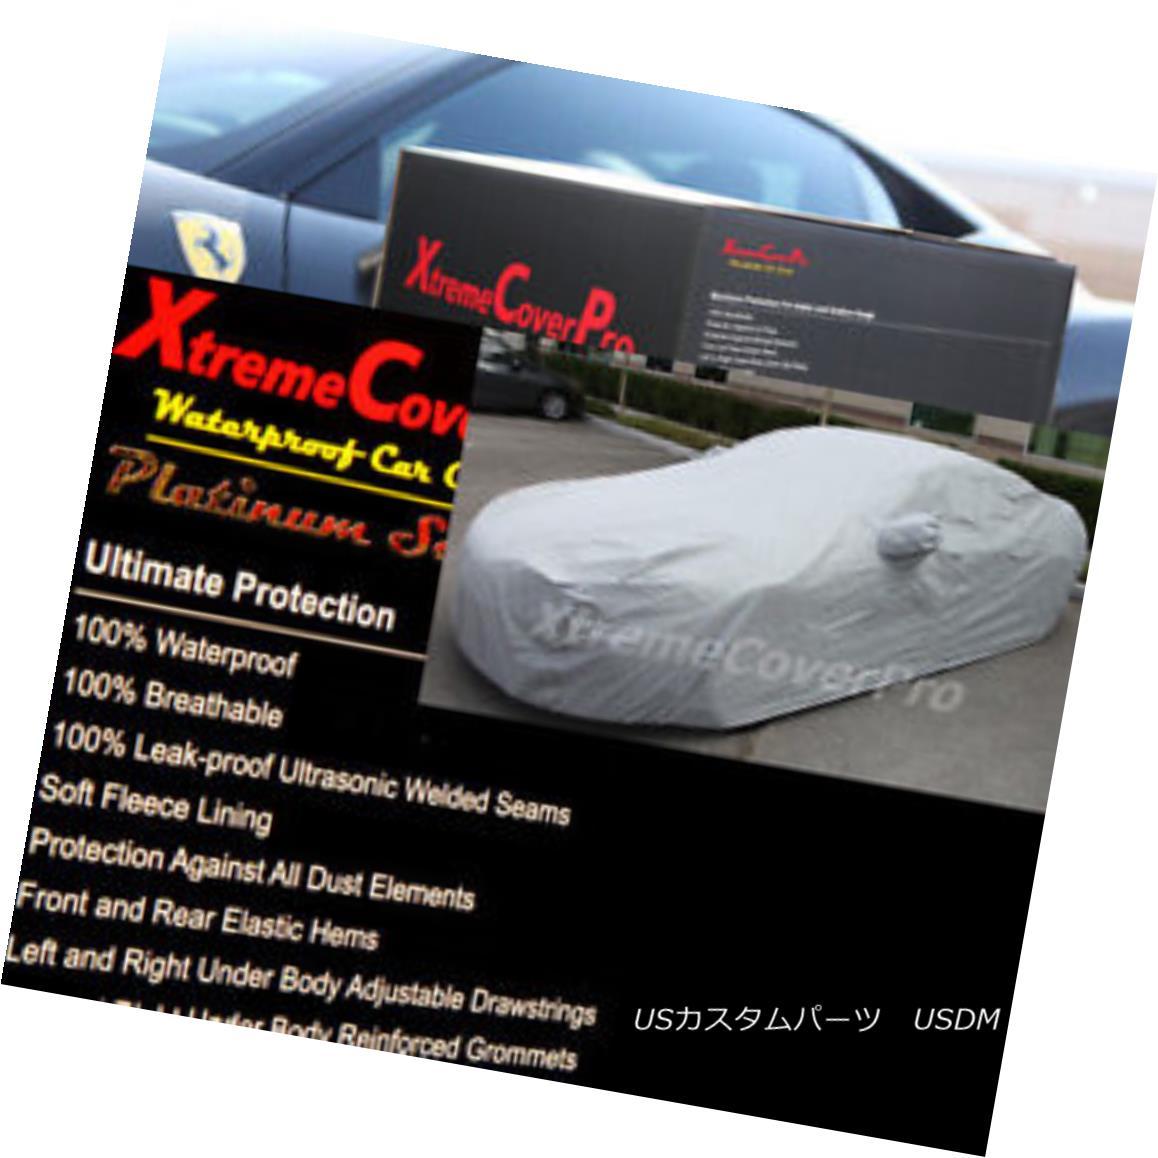 カーカバー 2015 FORD MUSTANG Waterproof Car Cover w/Mirror Pockets - Gray 2015 FORD MUSTANGミラーポケット付き防水カーカバー - グレー